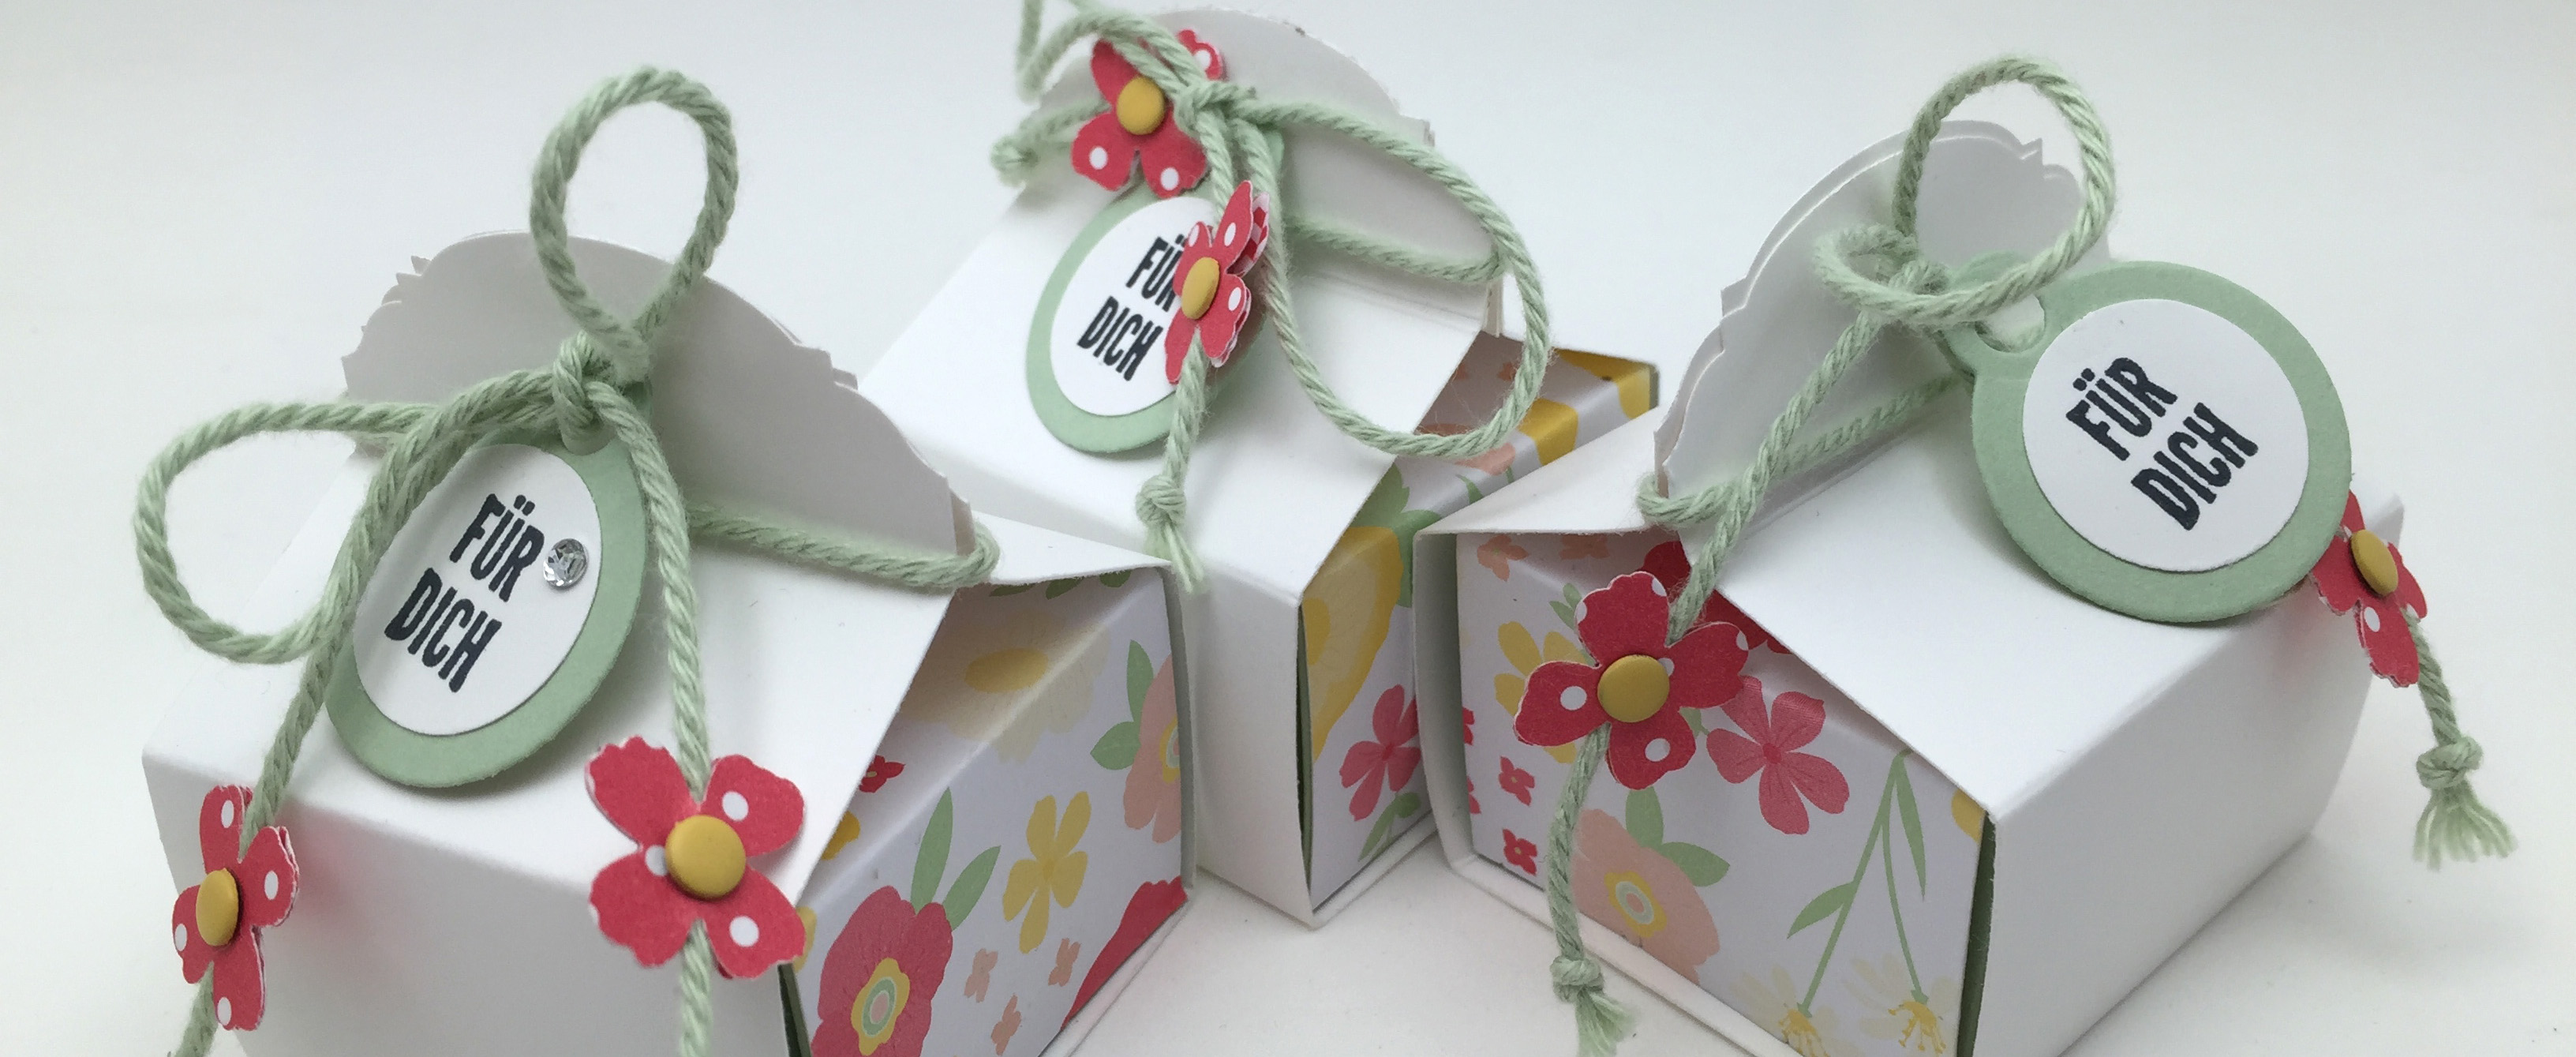 Stampin Up-Stempelherz-Videoanleitung-Verpackung-Box-Schachtel-Mini-Pralinenschachtel-Pralinenbox-Honigsuesse Gruesse-Mini-Pralinenschachteln 06